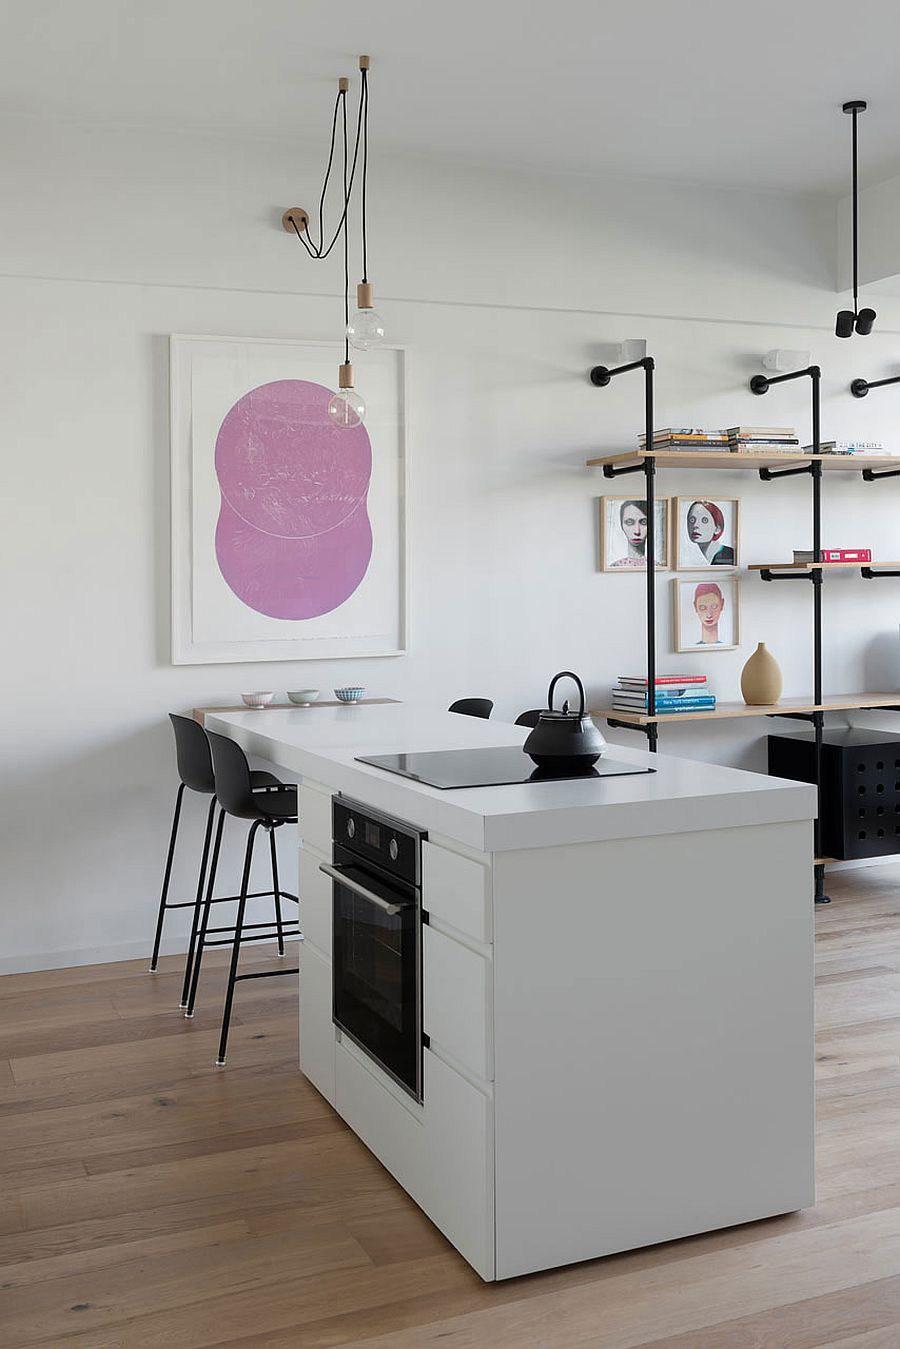 Chỉ với 3 mẹo không quá tốn tiền dưới đây, căn bếp nhỏ của bạn sẽ trở nên thoáng đãng - 4